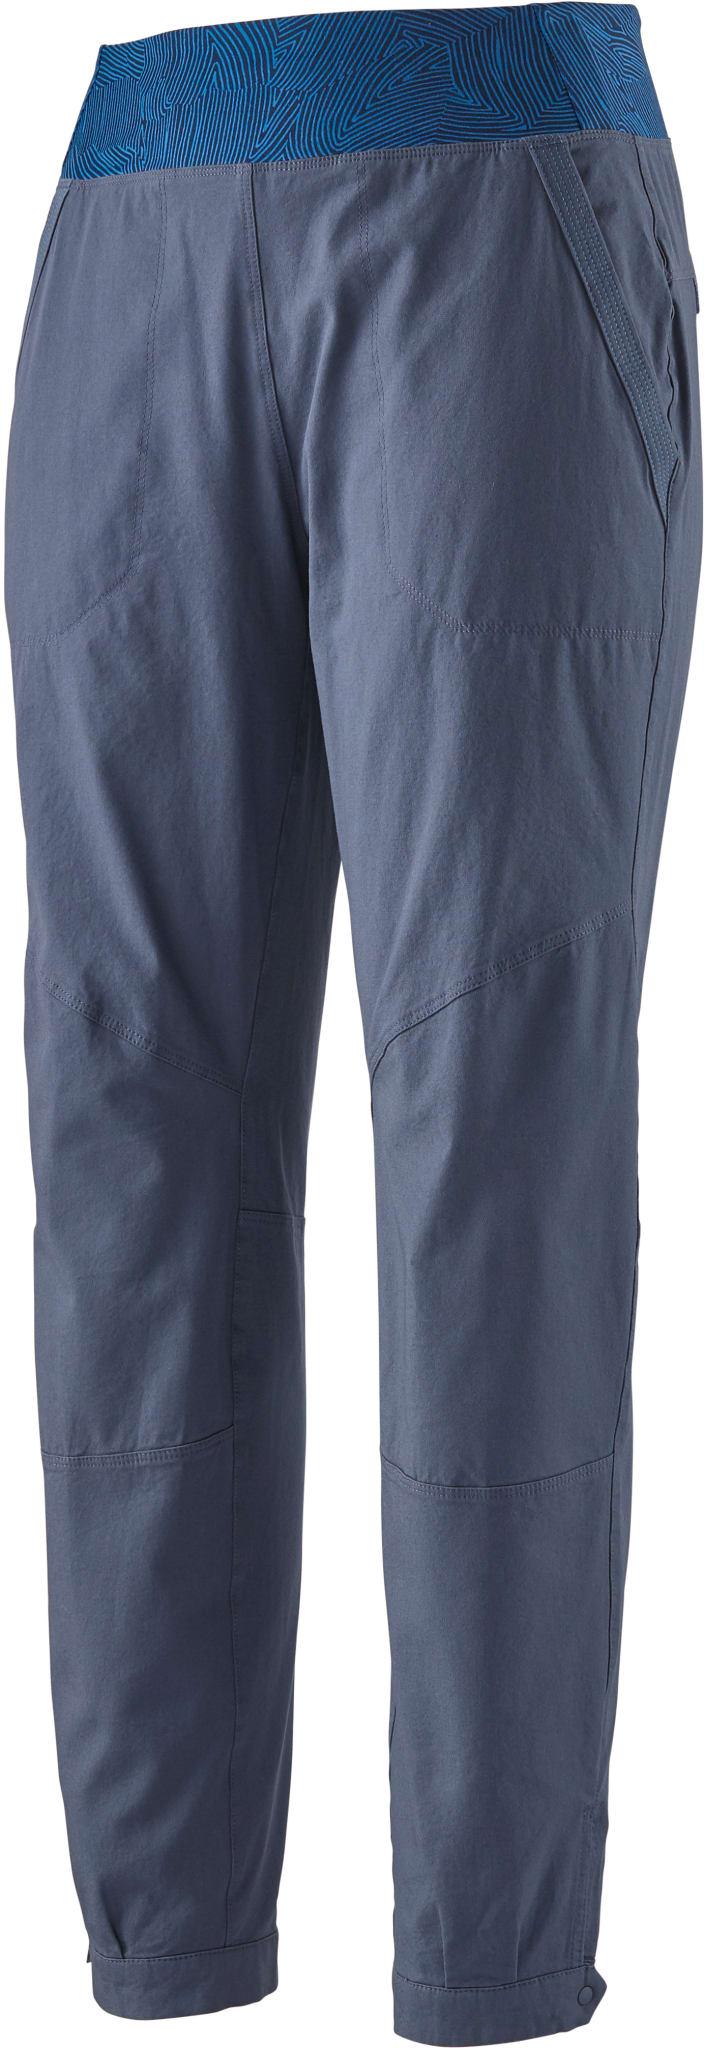 Lette og komfortable bomullsbukser med stretch